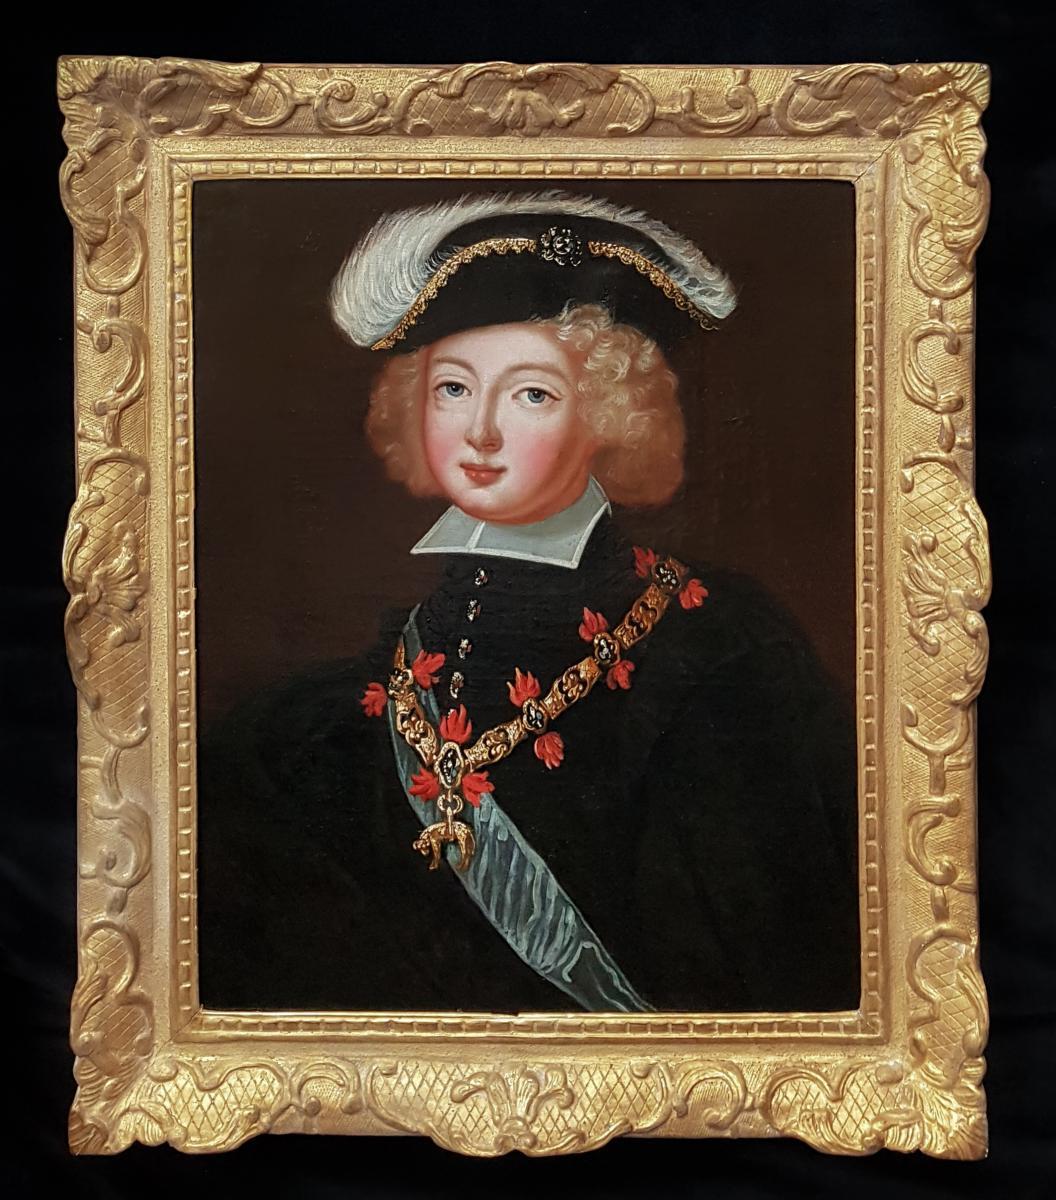 Portrait De Philippe V d'Espagne, Vers 1725